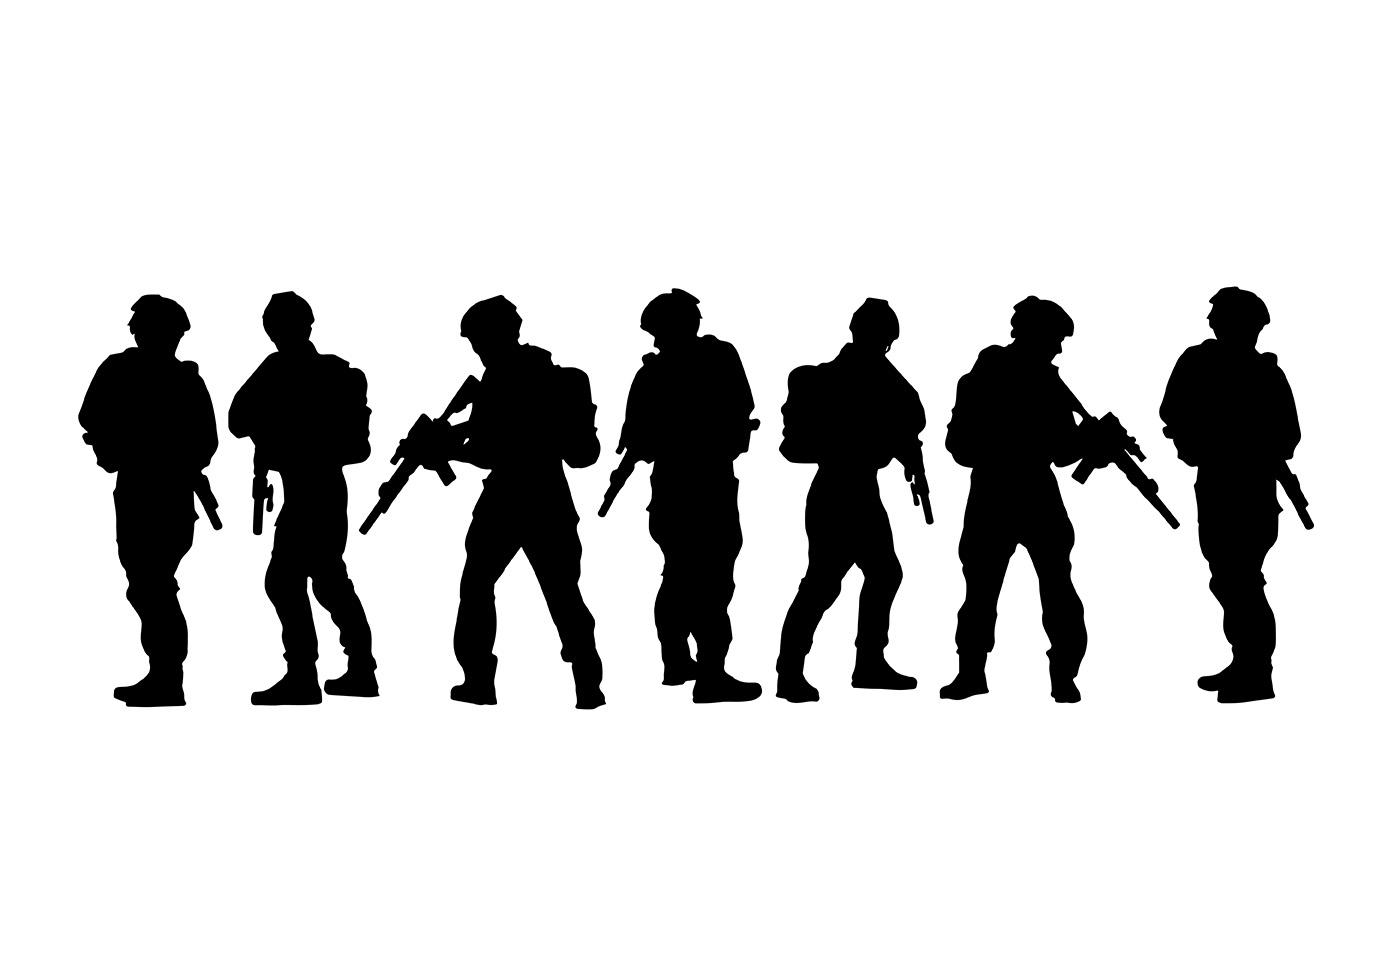 Army Siluetas Vector - Download Free Vectors, Clipart ...